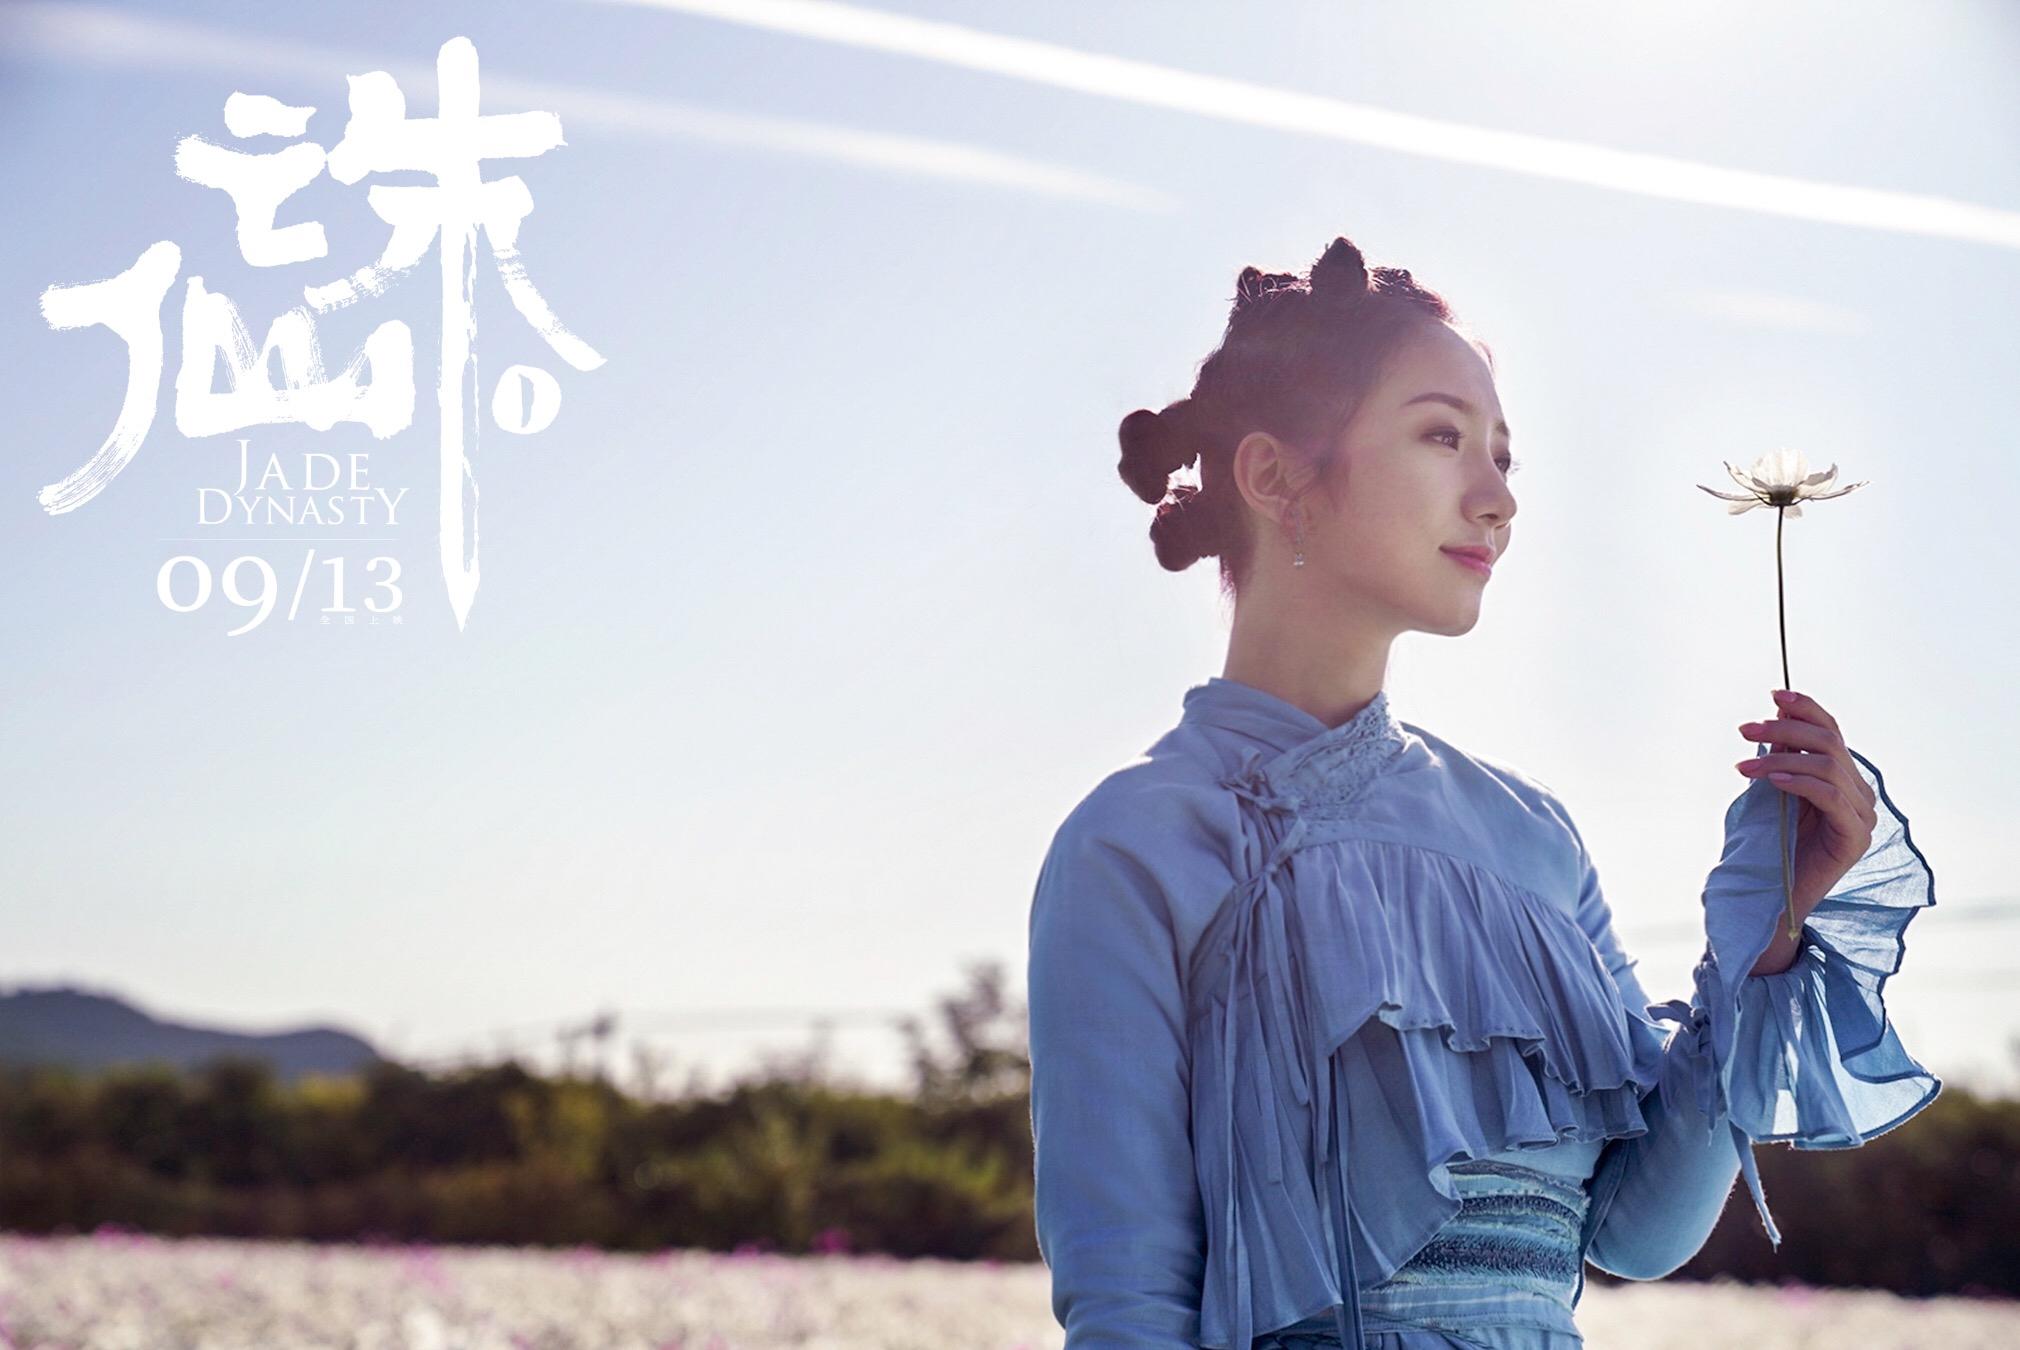 《诛仙Ⅰ》发角色推广曲MV 火箭少女101孟美岐献唱